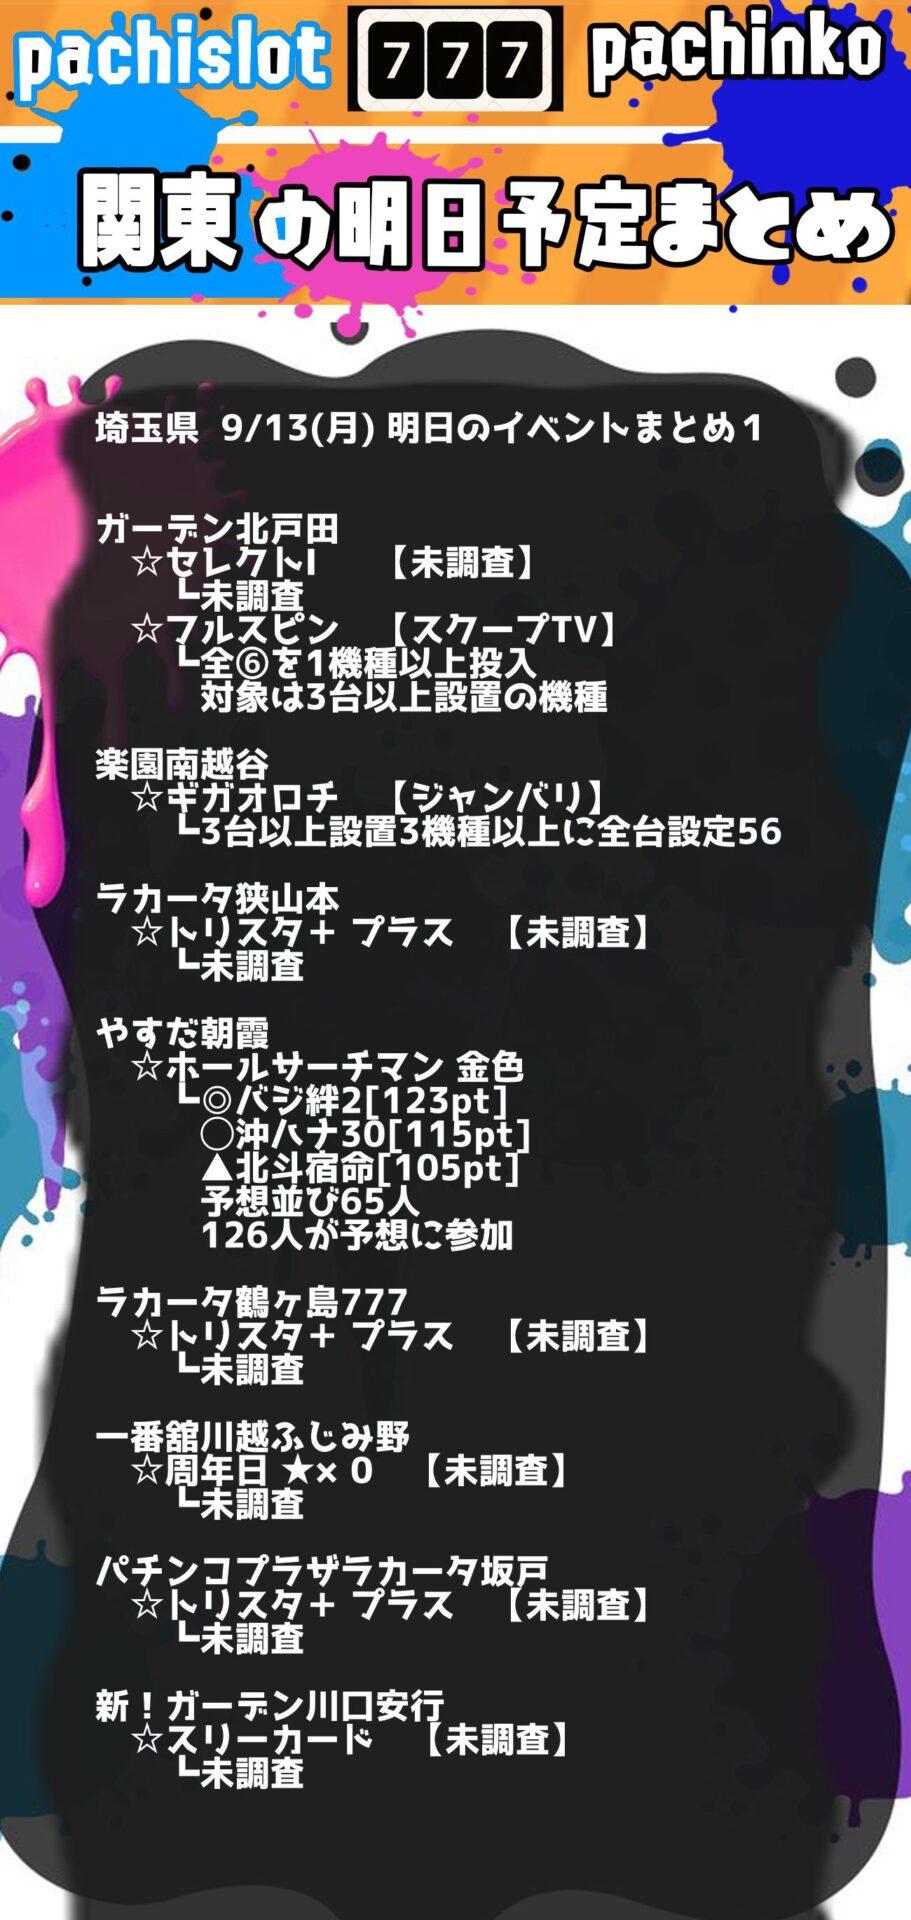 埼玉県_2021-09-13_パチンコ・パチスロ_イベント